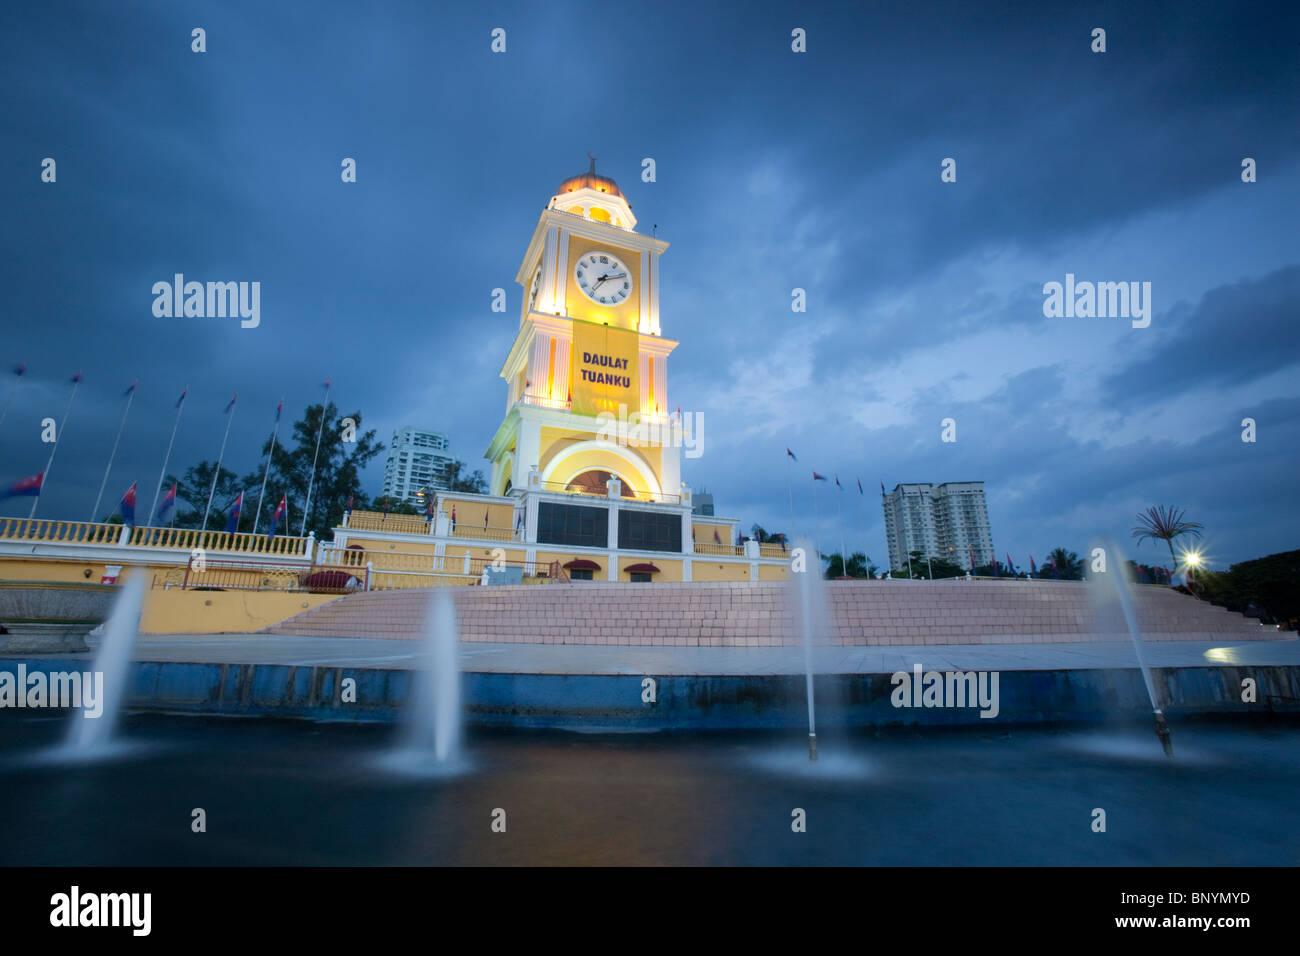 Sito di incontri Johor Bahru